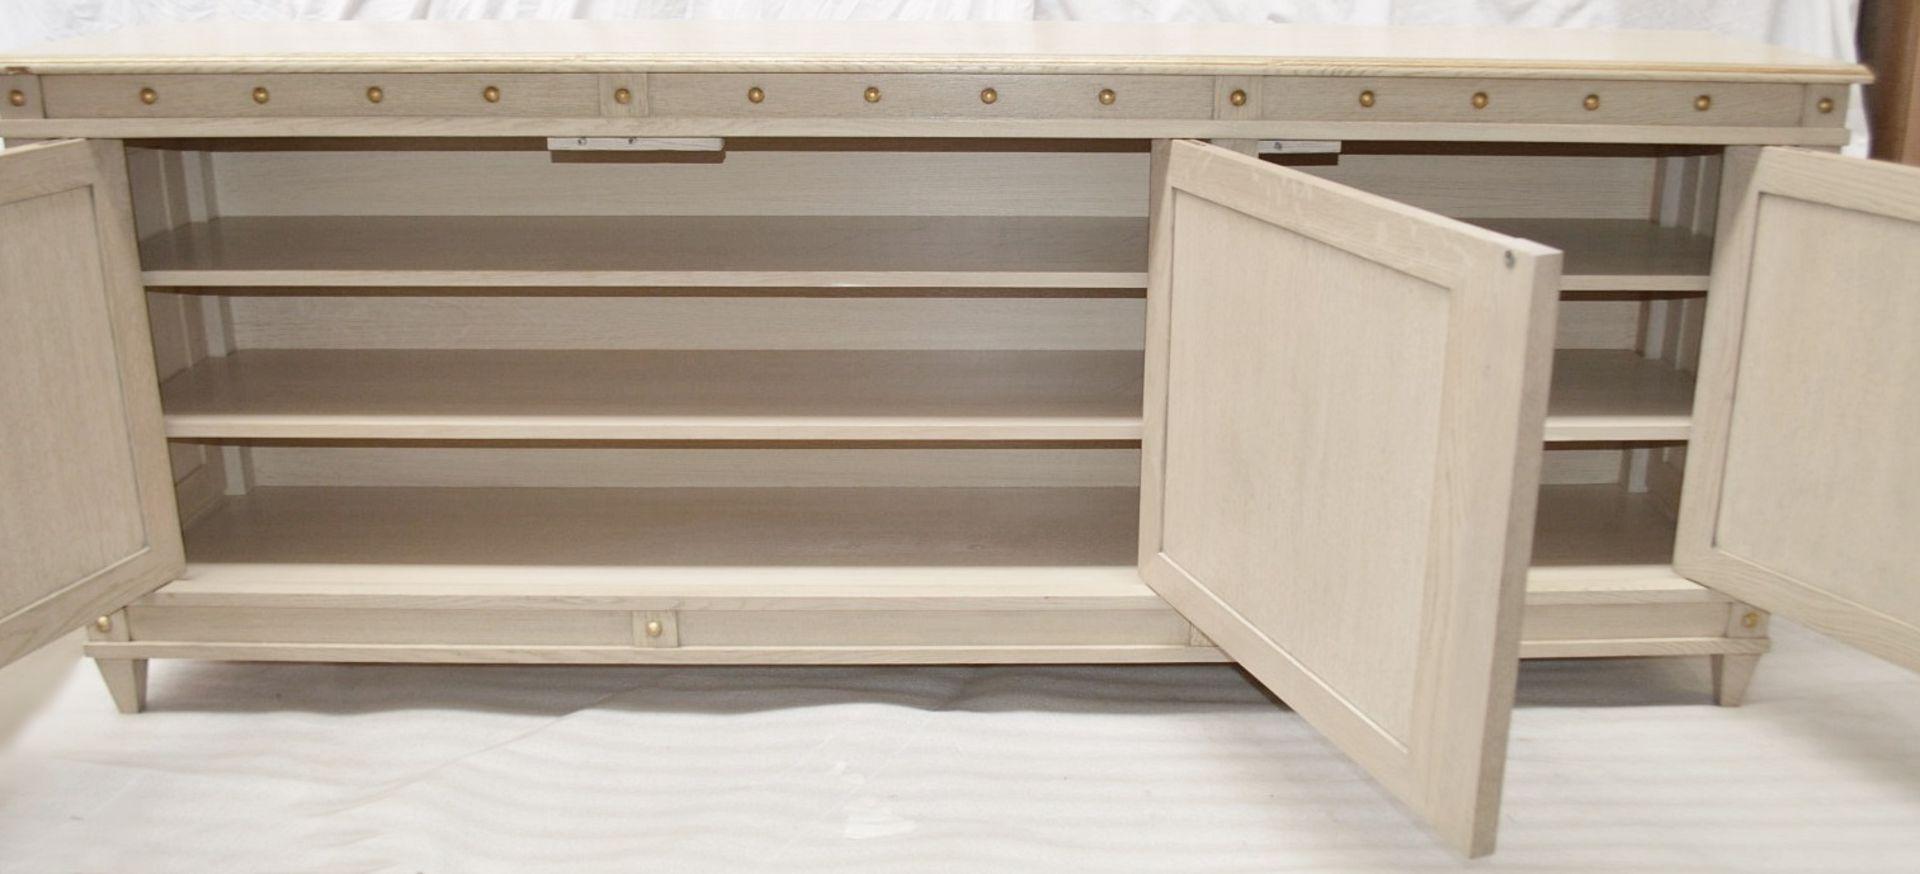 1 x JUSTIN VAN BREDA 'Monty' DesignerRegency-inspired3-Door Sideboard - Original RRP £9,700 - Image 11 of 16